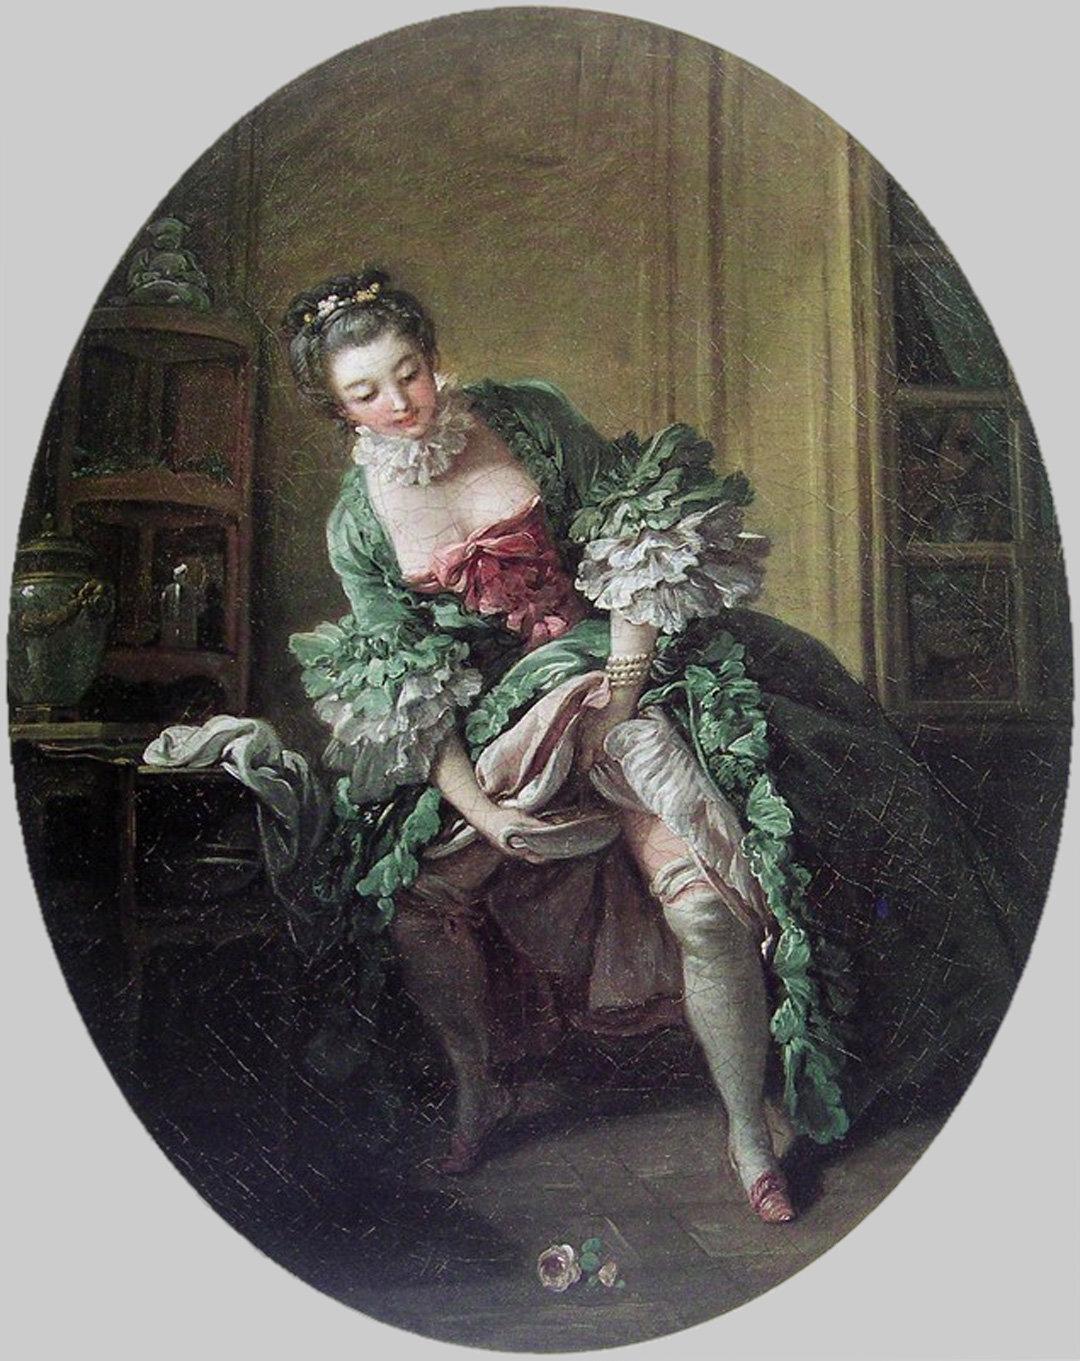 Субботний вечер, фривольные картинки 19 век